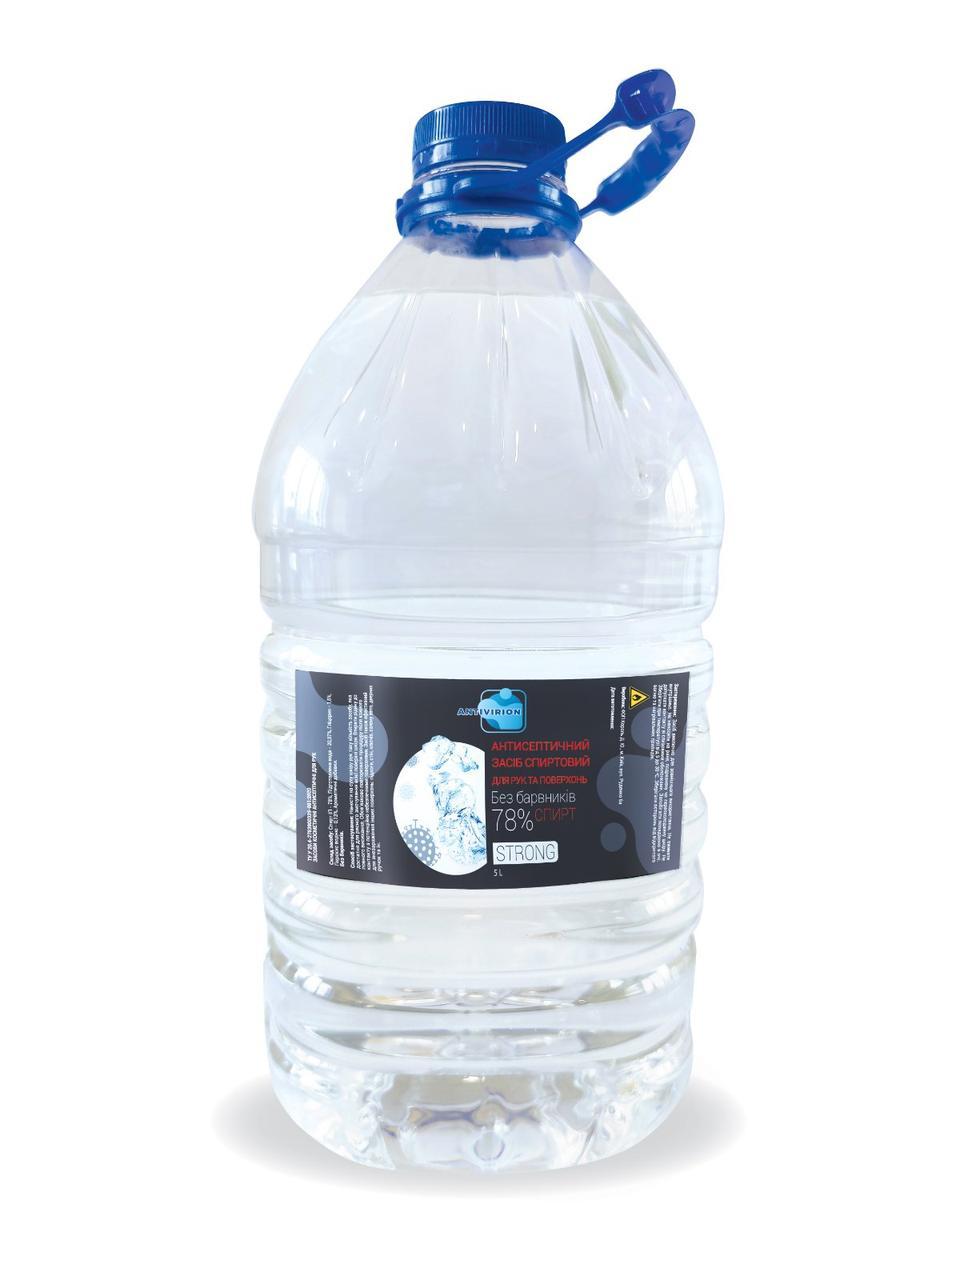 Антисептик 5 л санитайзер спирт 78% Antivirion Strong 5 литров средство для дезинфекции рук и поверхностей